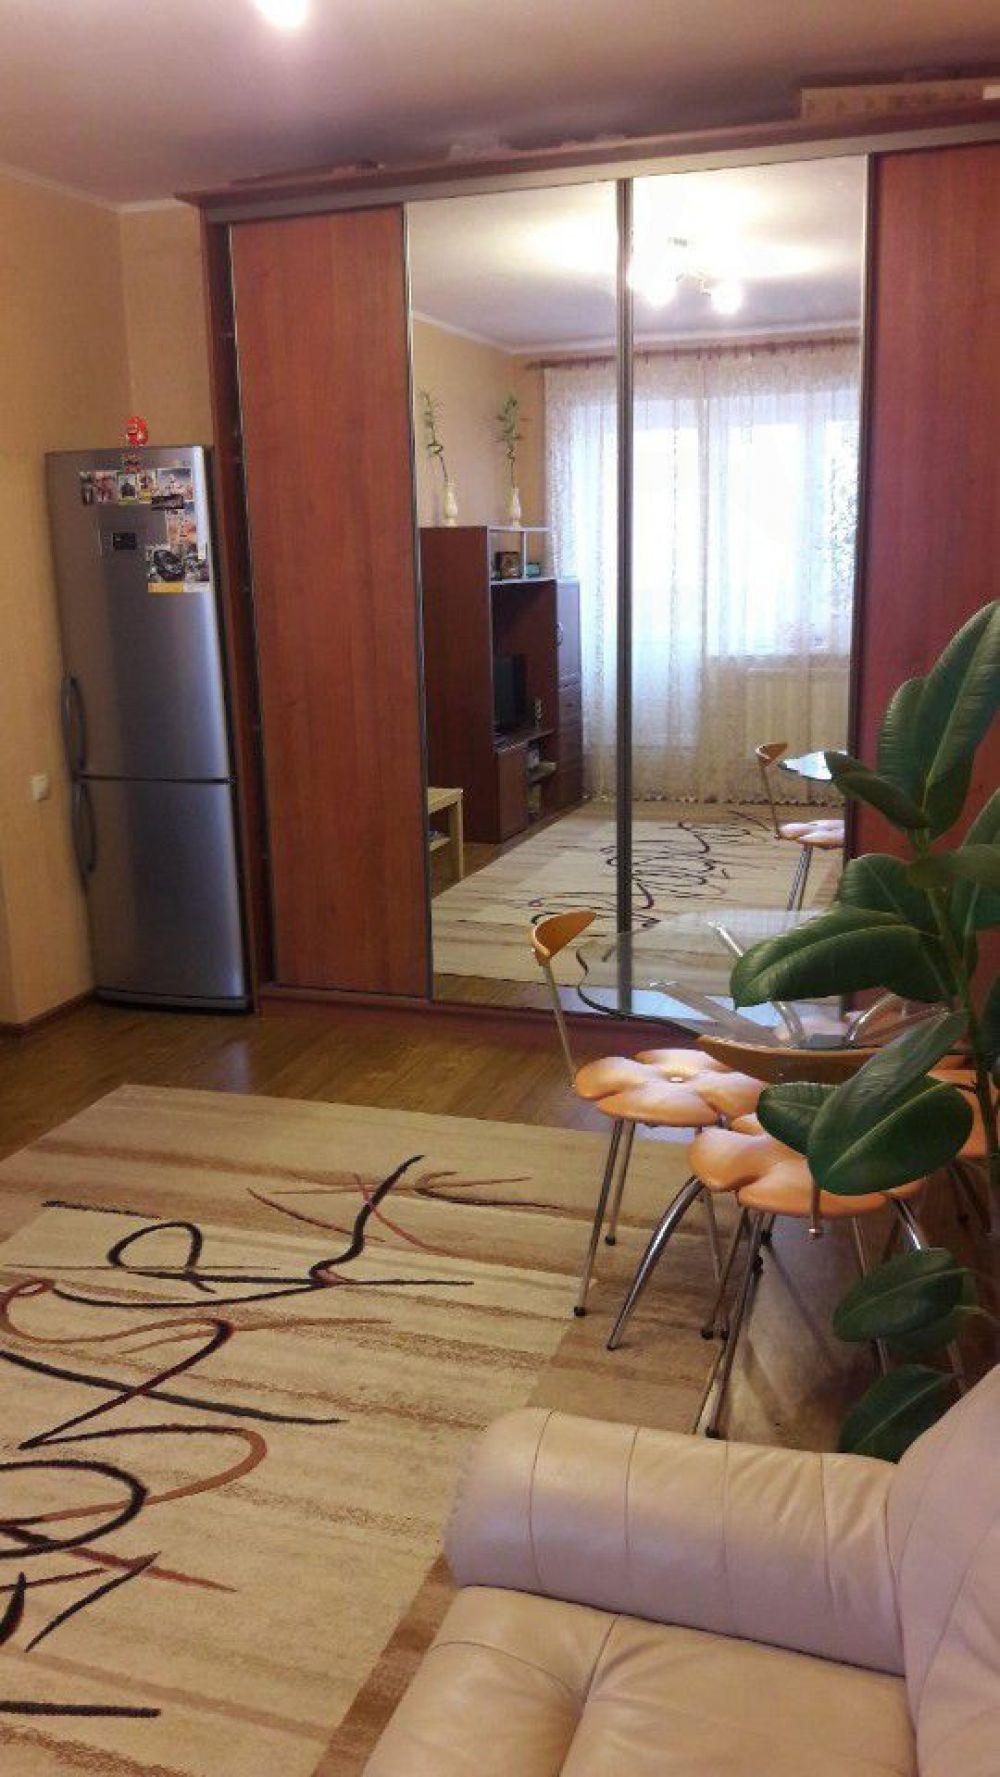 1-комнатная квартира п.Свердловский ЖК Свердловский ул.Народного Ополчения д.3, фото 2